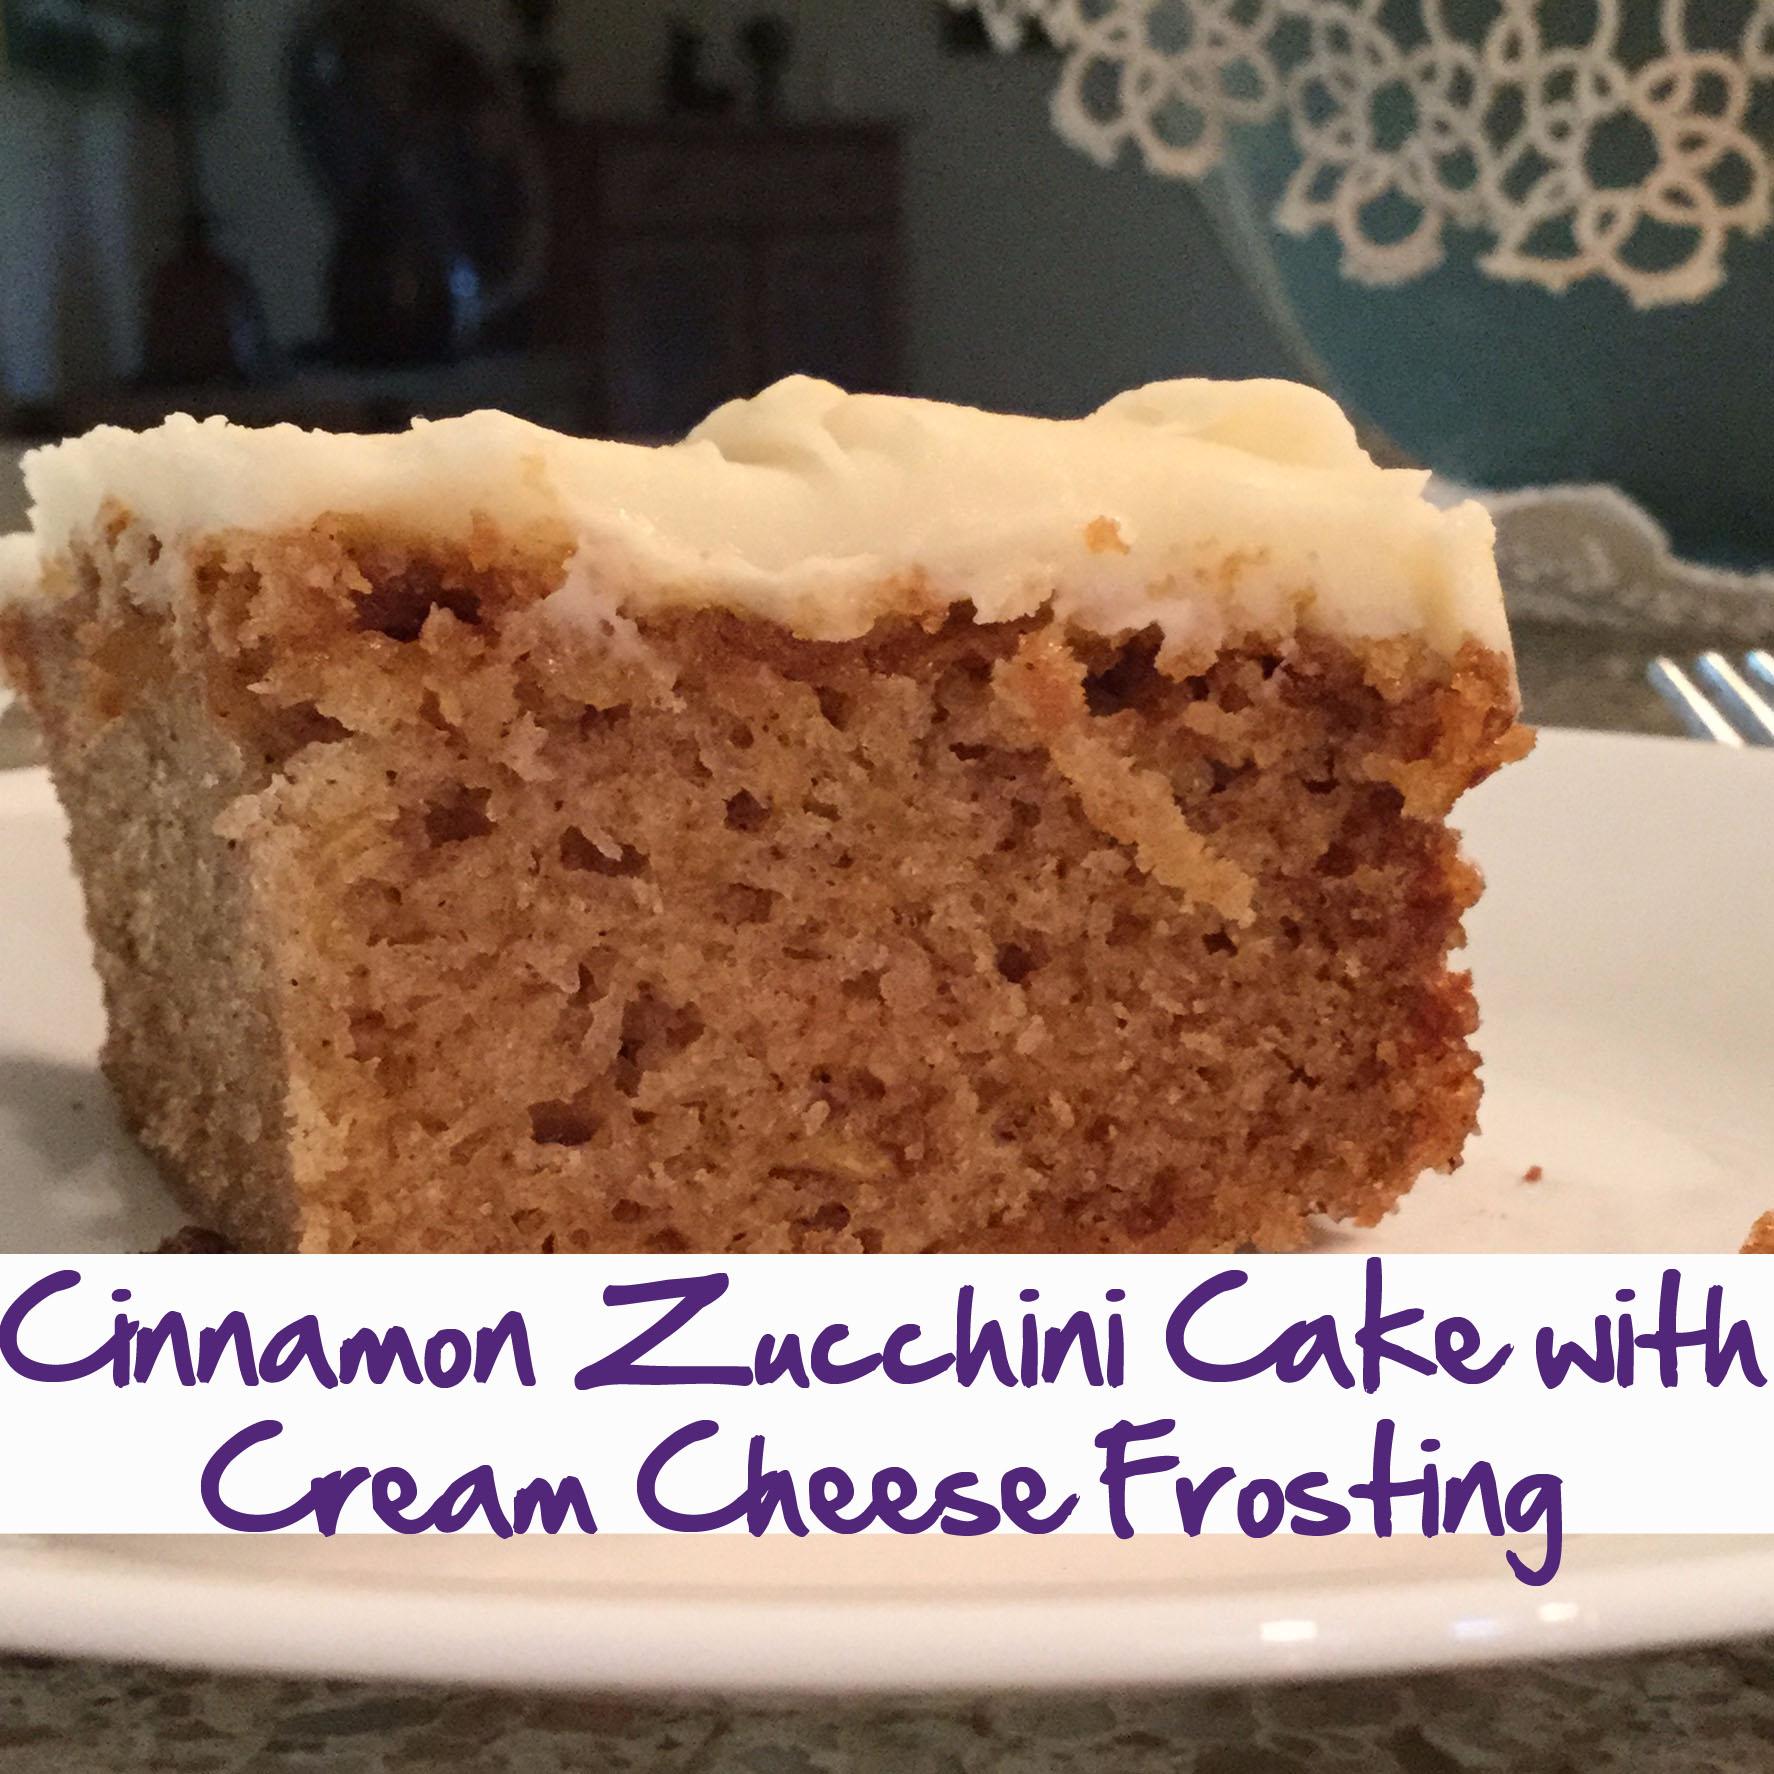 Cinnamon Cake Cream Cheese